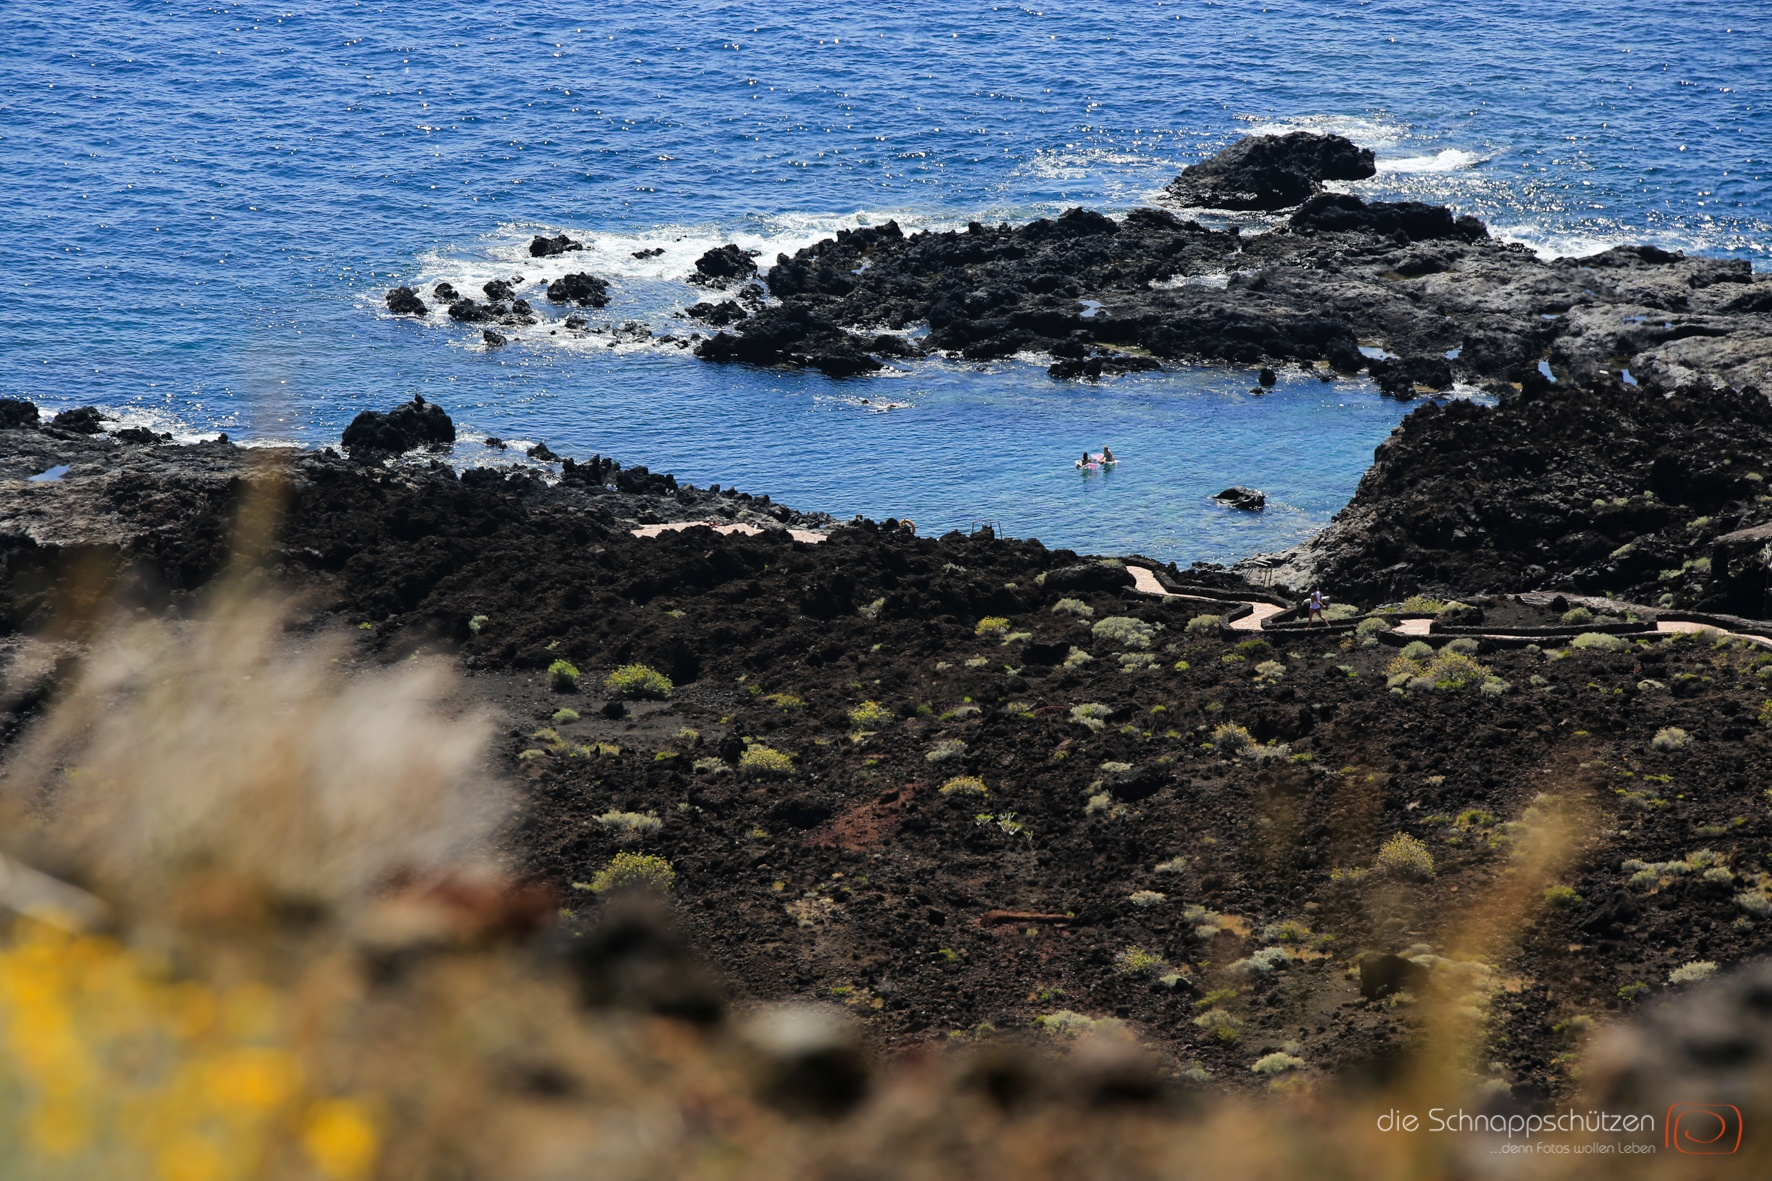 die beinahe einzige Möglichkeit, auf El Hierro im Meer zu baden.